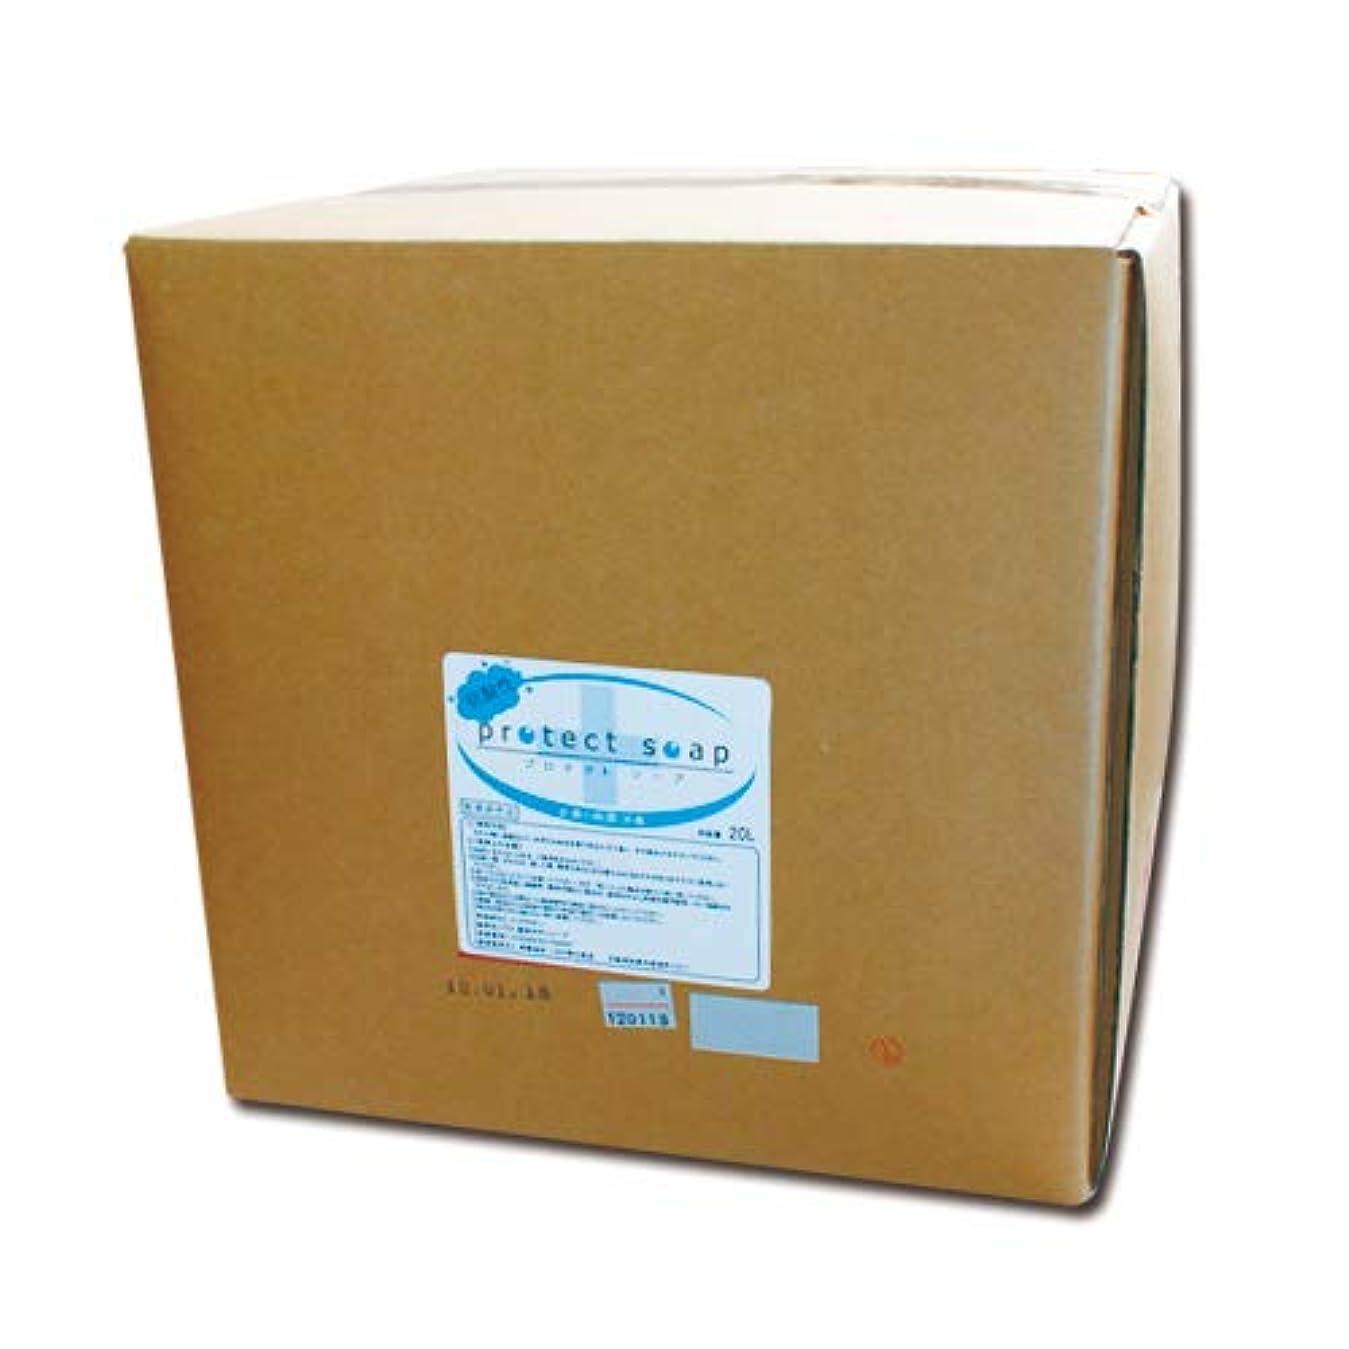 ある魅了する受賞低刺激弱酸性 液体石鹸 プロテクトソープ 20L 業務用